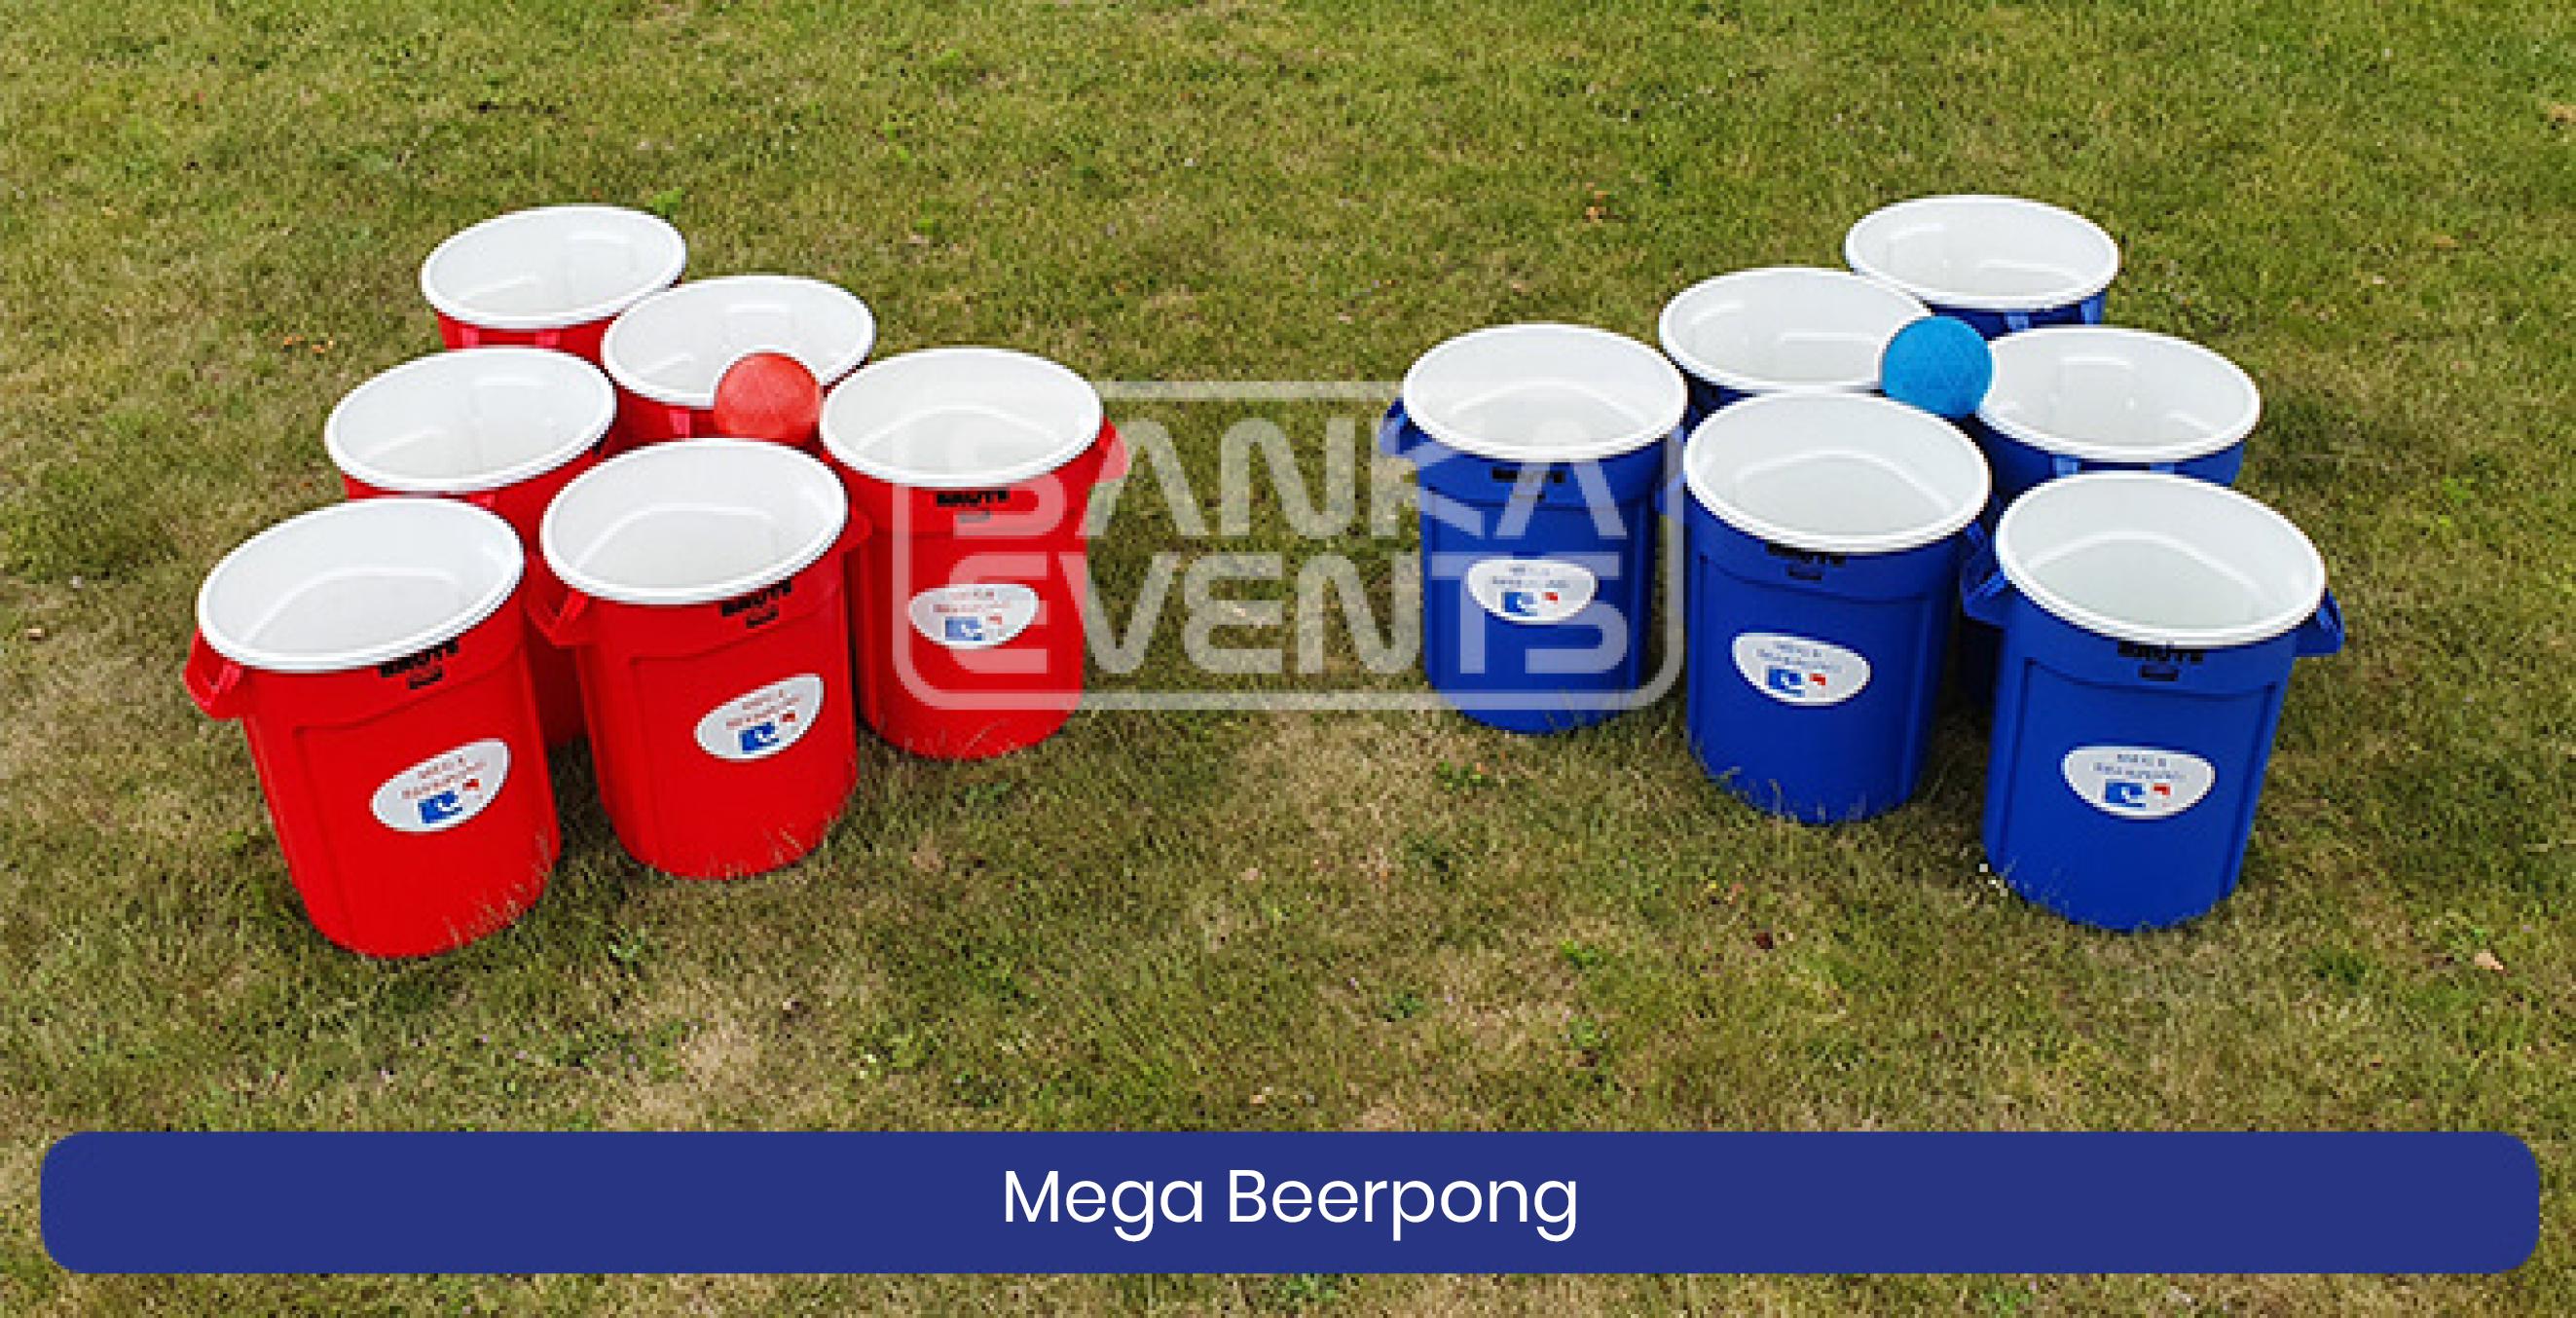 Coronaproof Spellenpakket Mega Beerpong